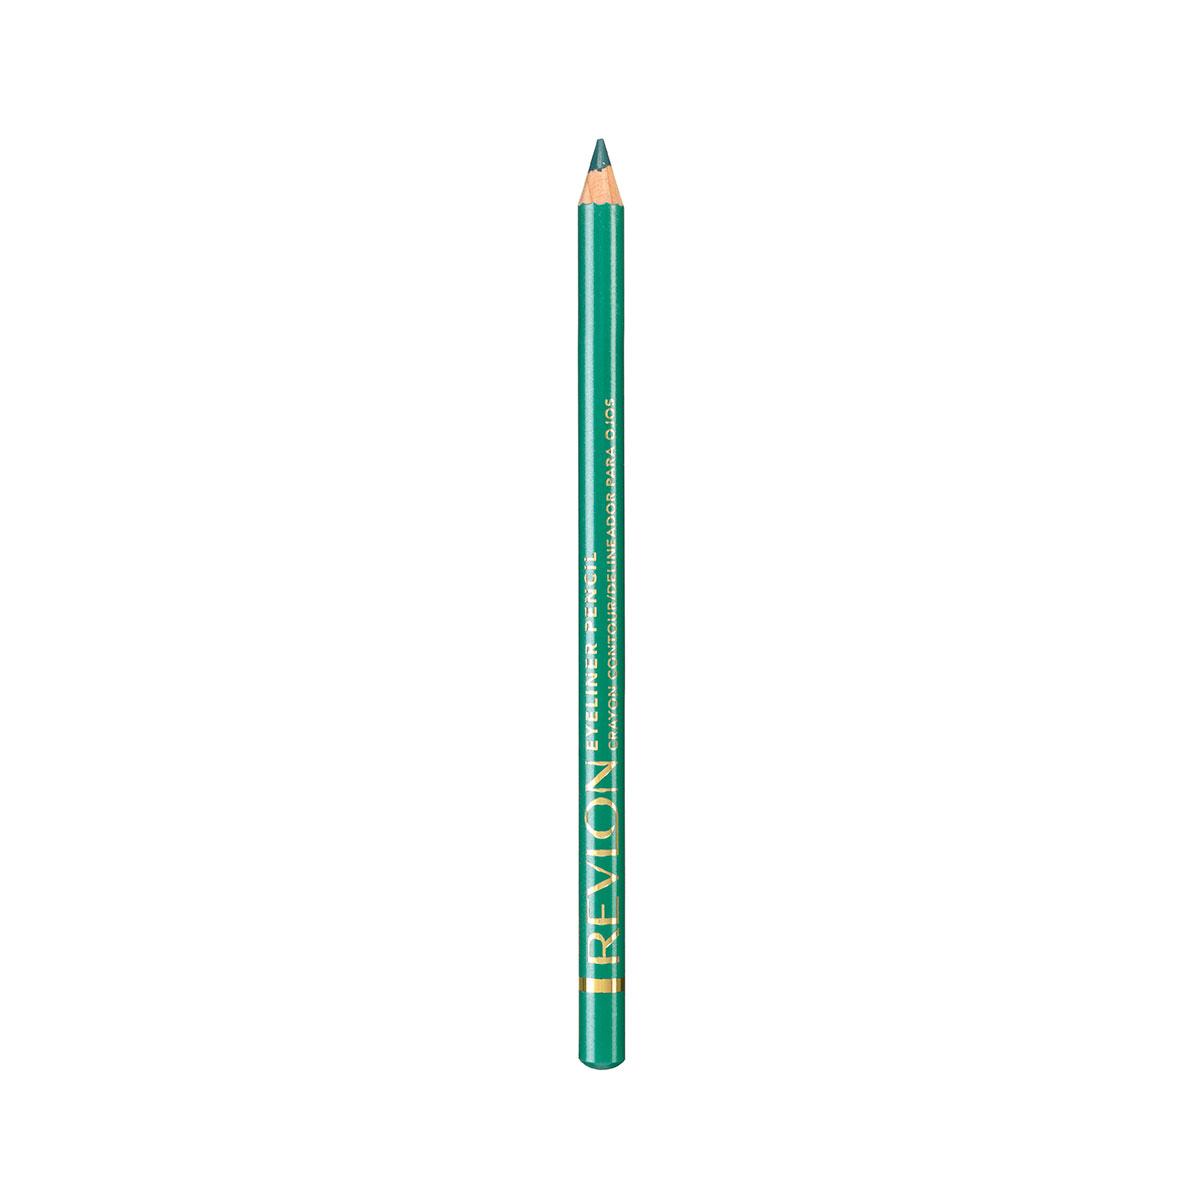 Revlon Карандаш для Глаз Eyeliner Aquamarine 07 1 г7210295007Классичесикй контурный карандаш с насыщенным цветом и интенсивной аппликацией. Скользит с лёгкостью карандаша и даёт цвет по интенсивности равный жидкому контуру. Прекрасно сохраняется на веках в течение дня.